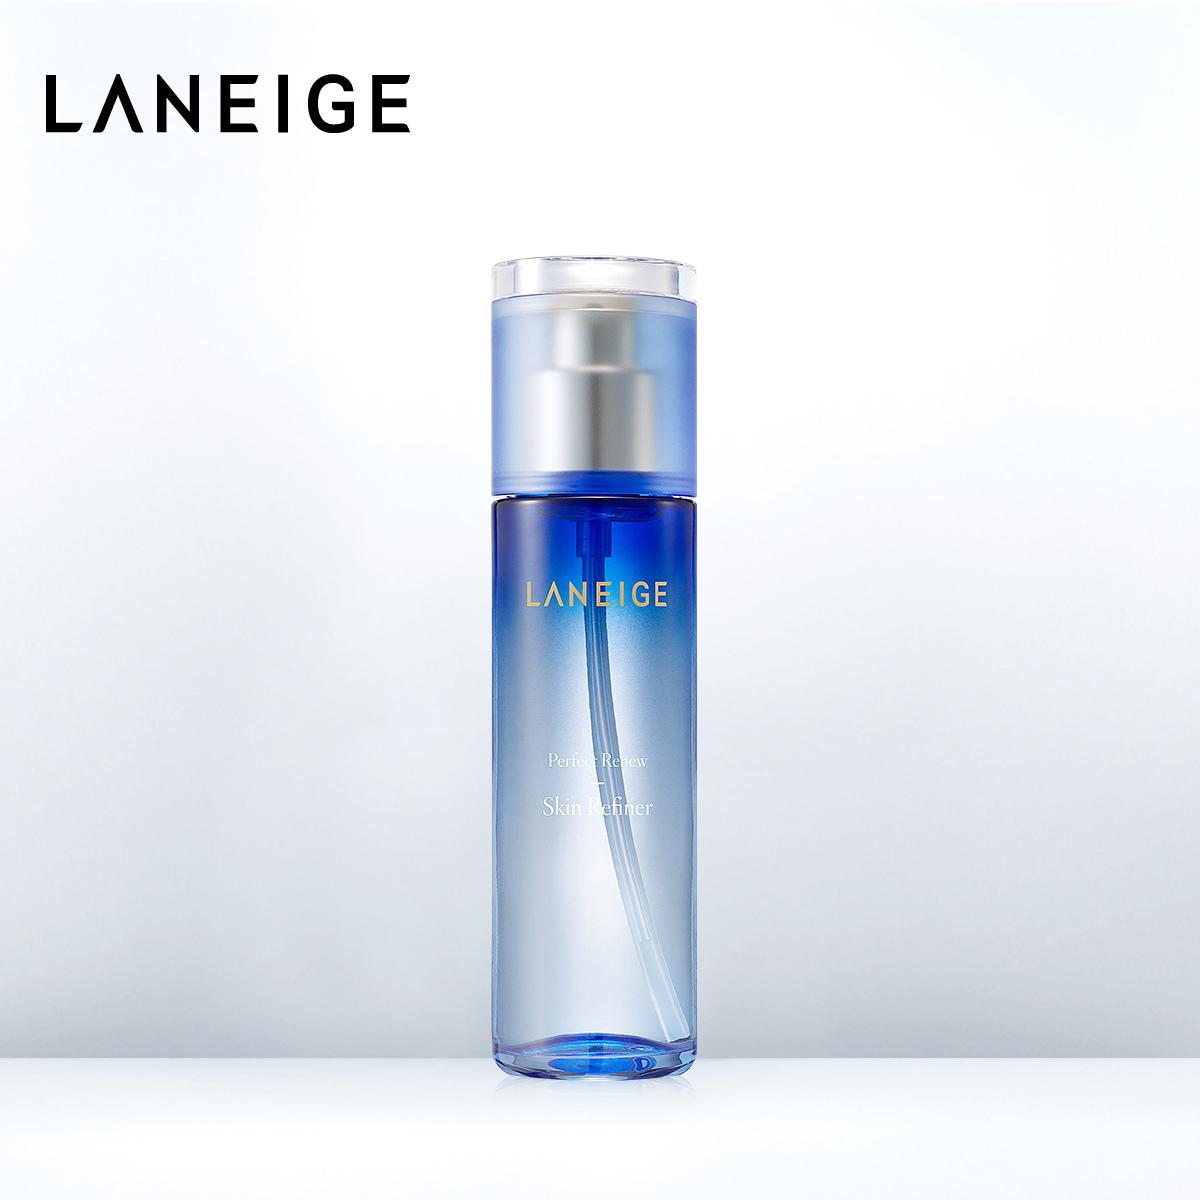 兰芝致美紧颜细肤水补水保湿淡化细纹紧致肌肤爽肤水官方正品